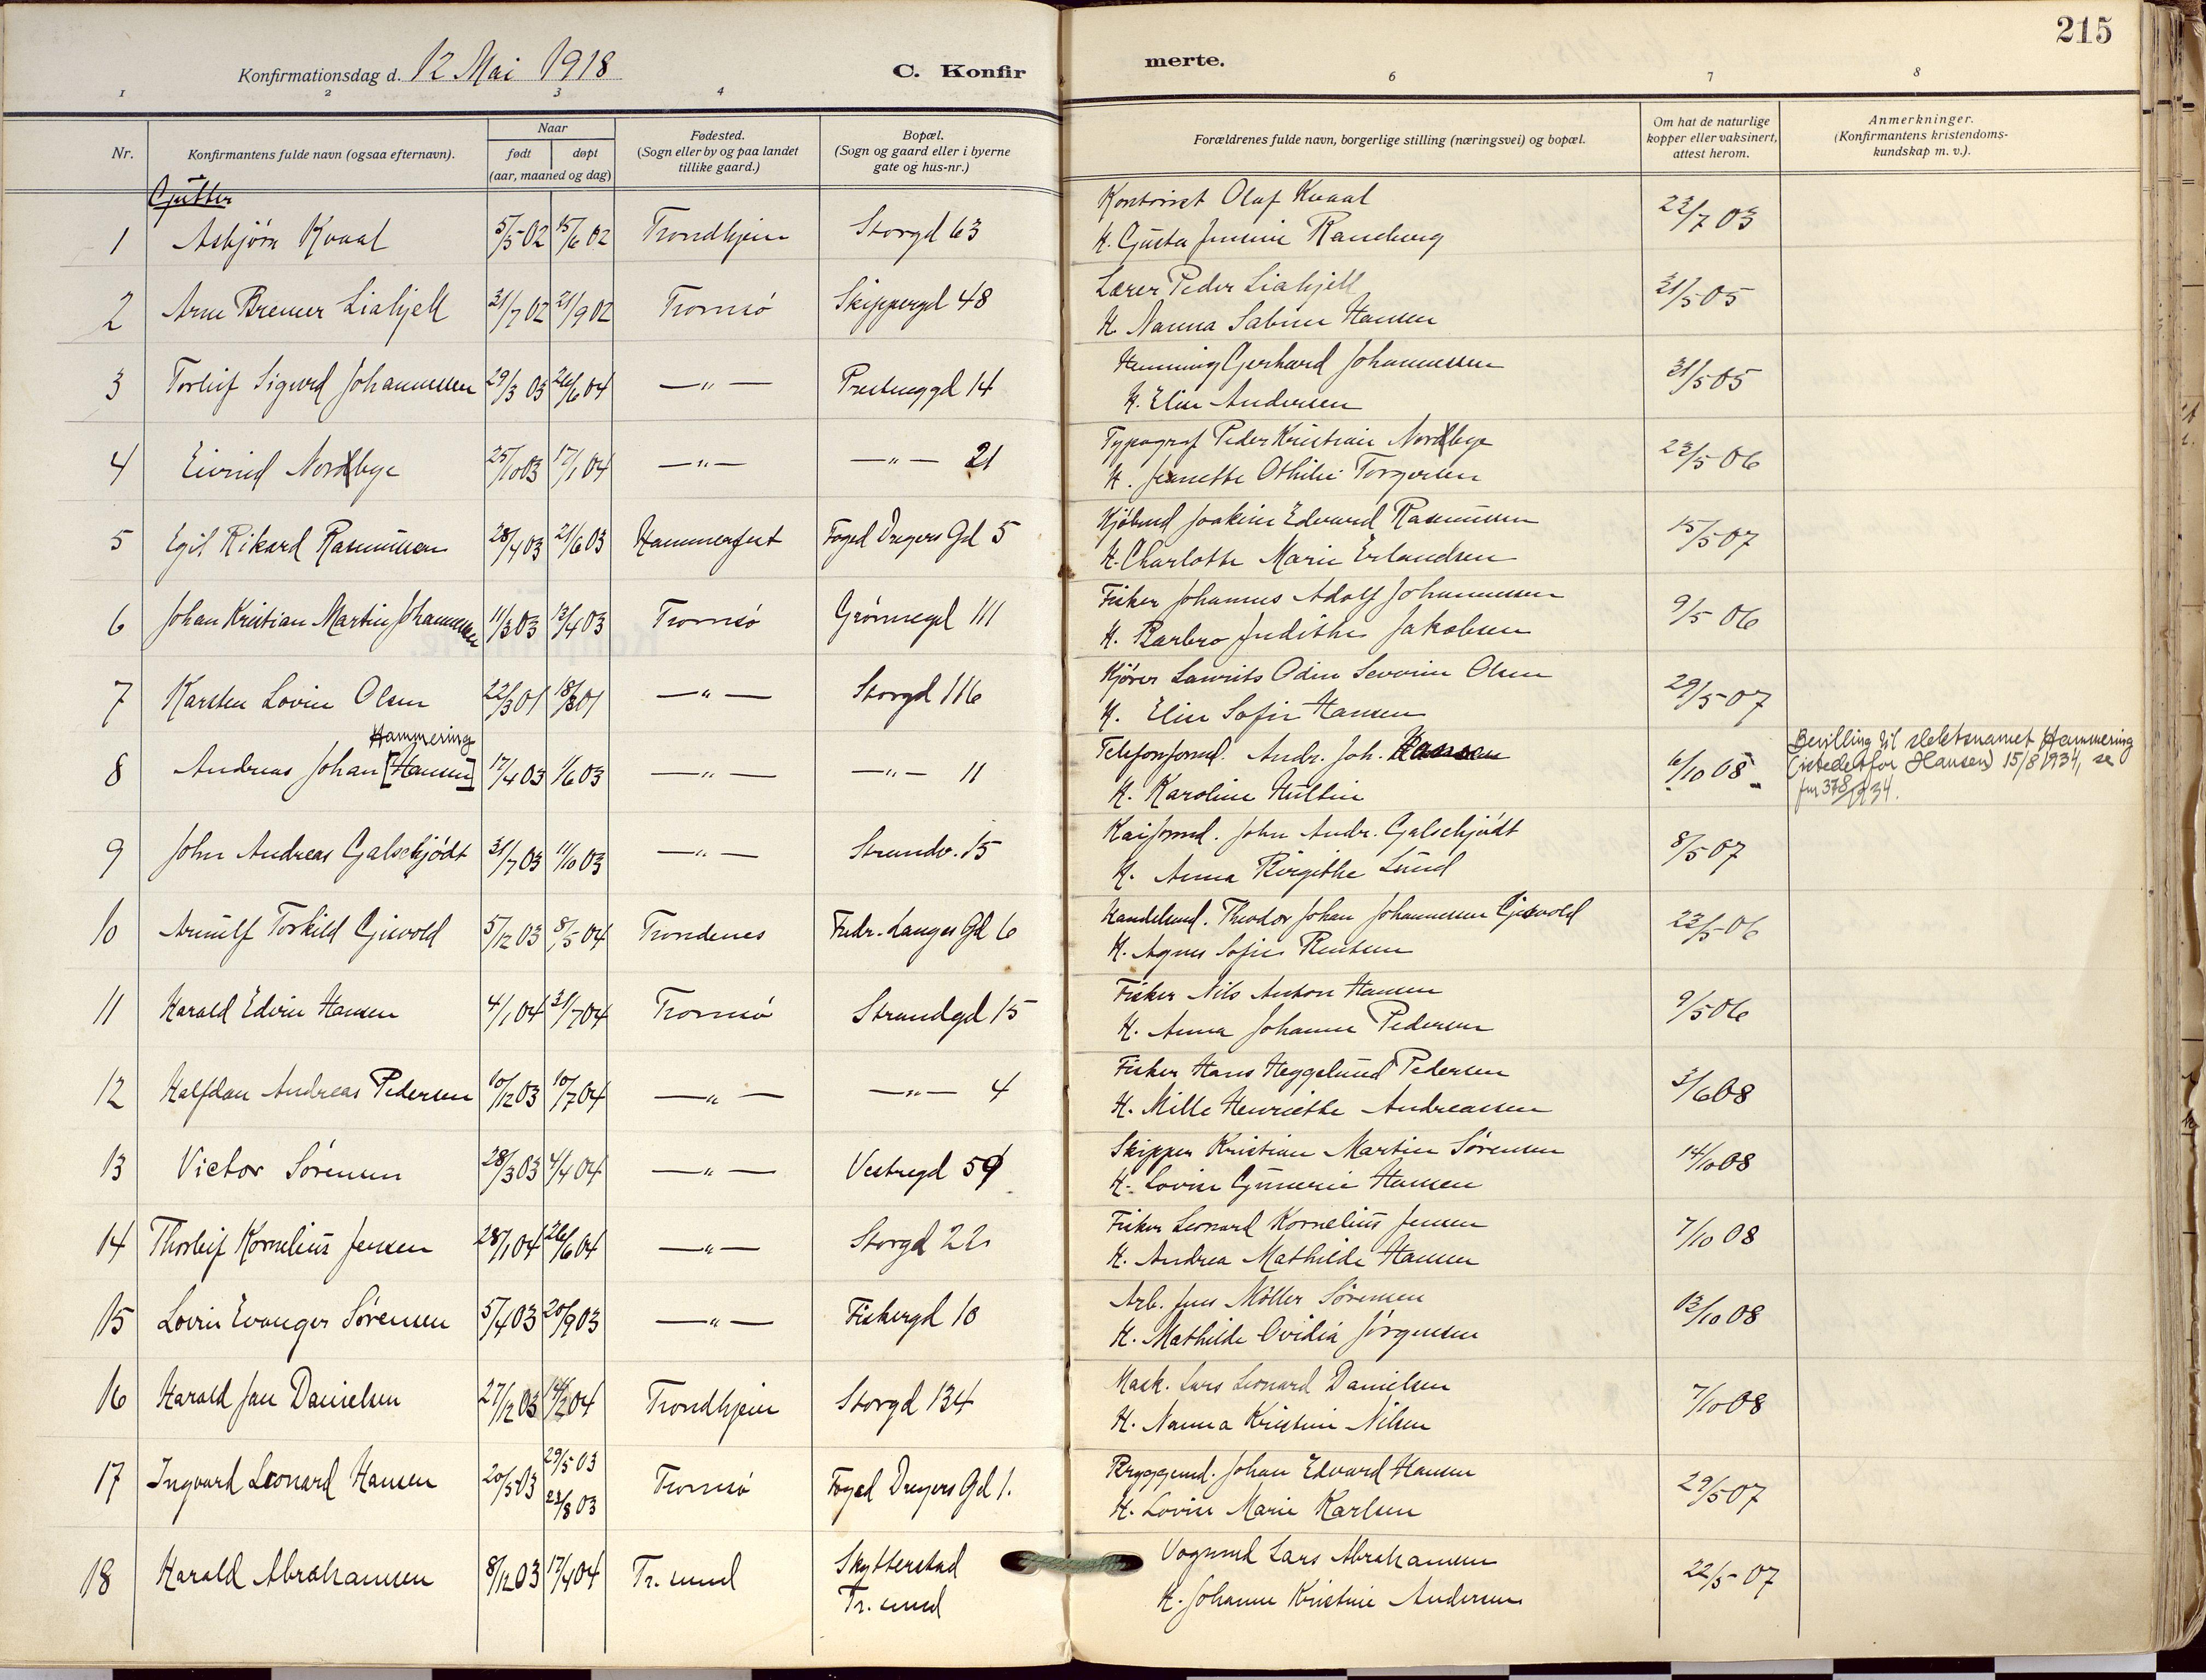 SATØ, Tromsø sokneprestkontor/stiftsprosti/domprosti, G/Ga/L0019kirke: Ministerialbok nr. 19, 1917-1927, s. 215